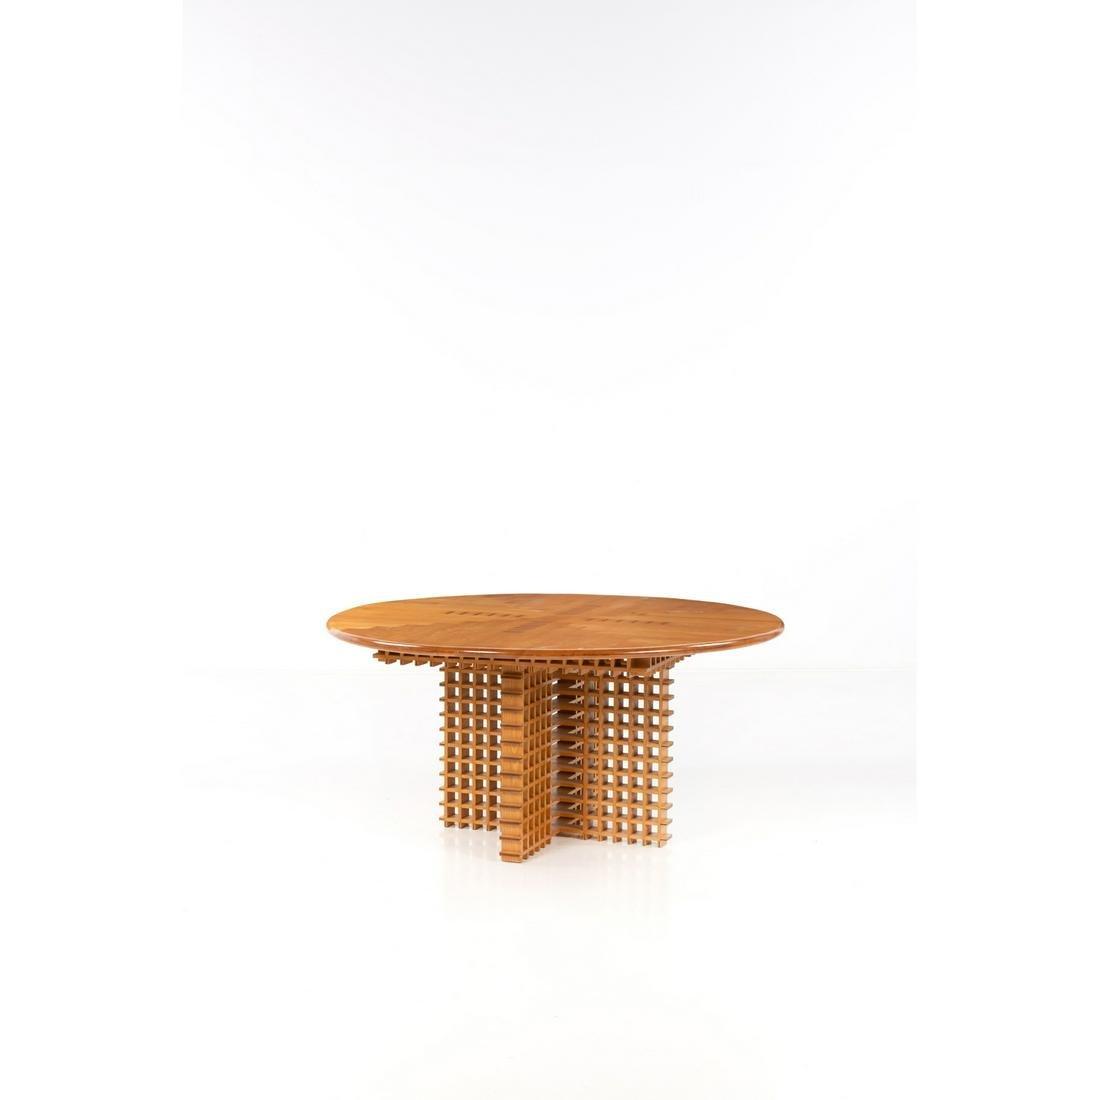 Pierluigi Ghianda (1926-2015) Table - Prototype